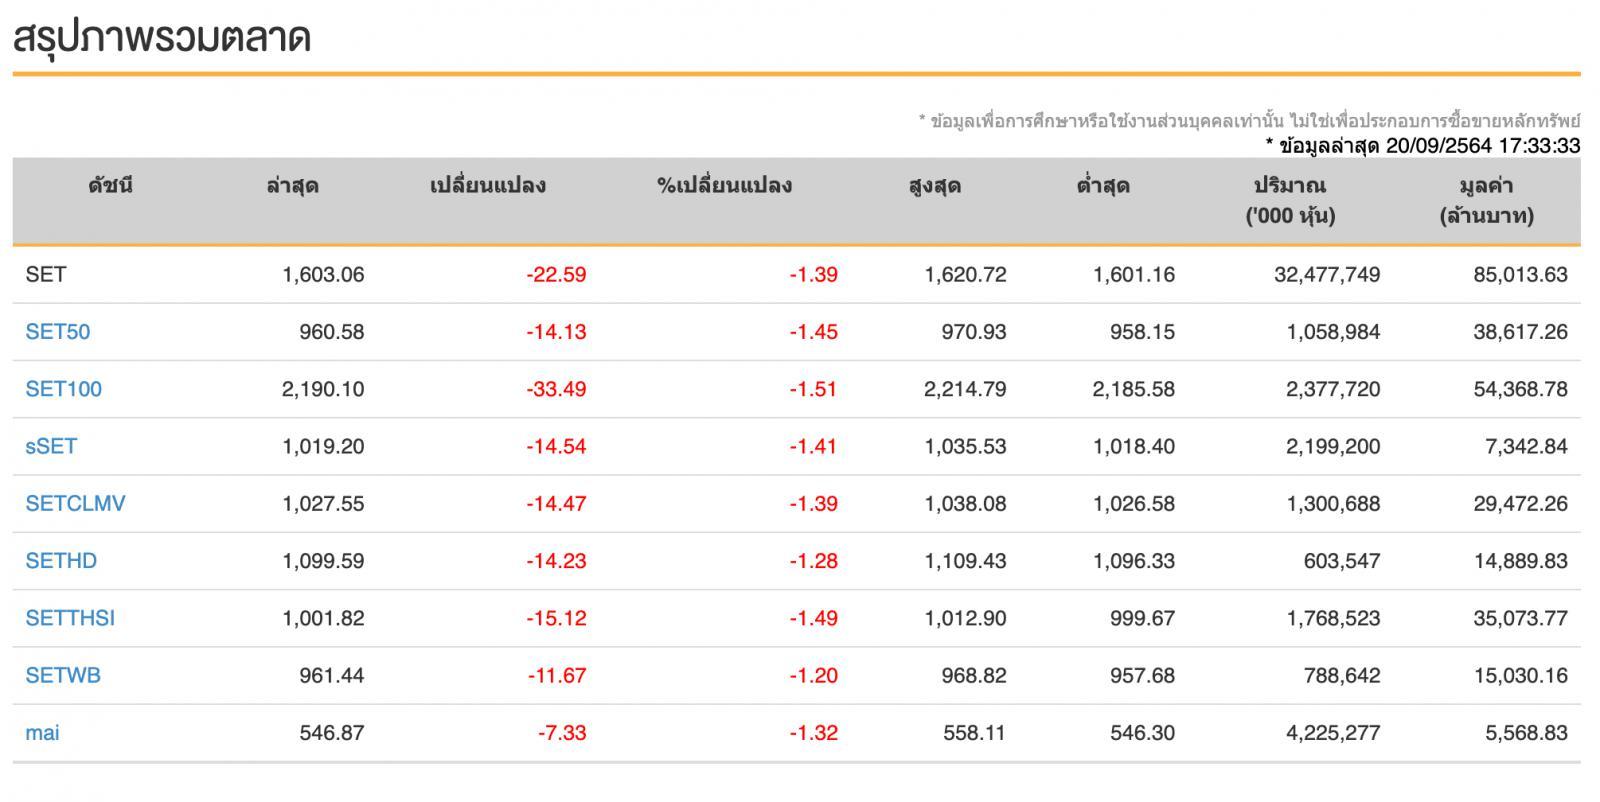 หุ้นไทยวันนี้ (20 ก.ย.64) ปิดการซื้อขายร่วงแรง -22.59 จุด